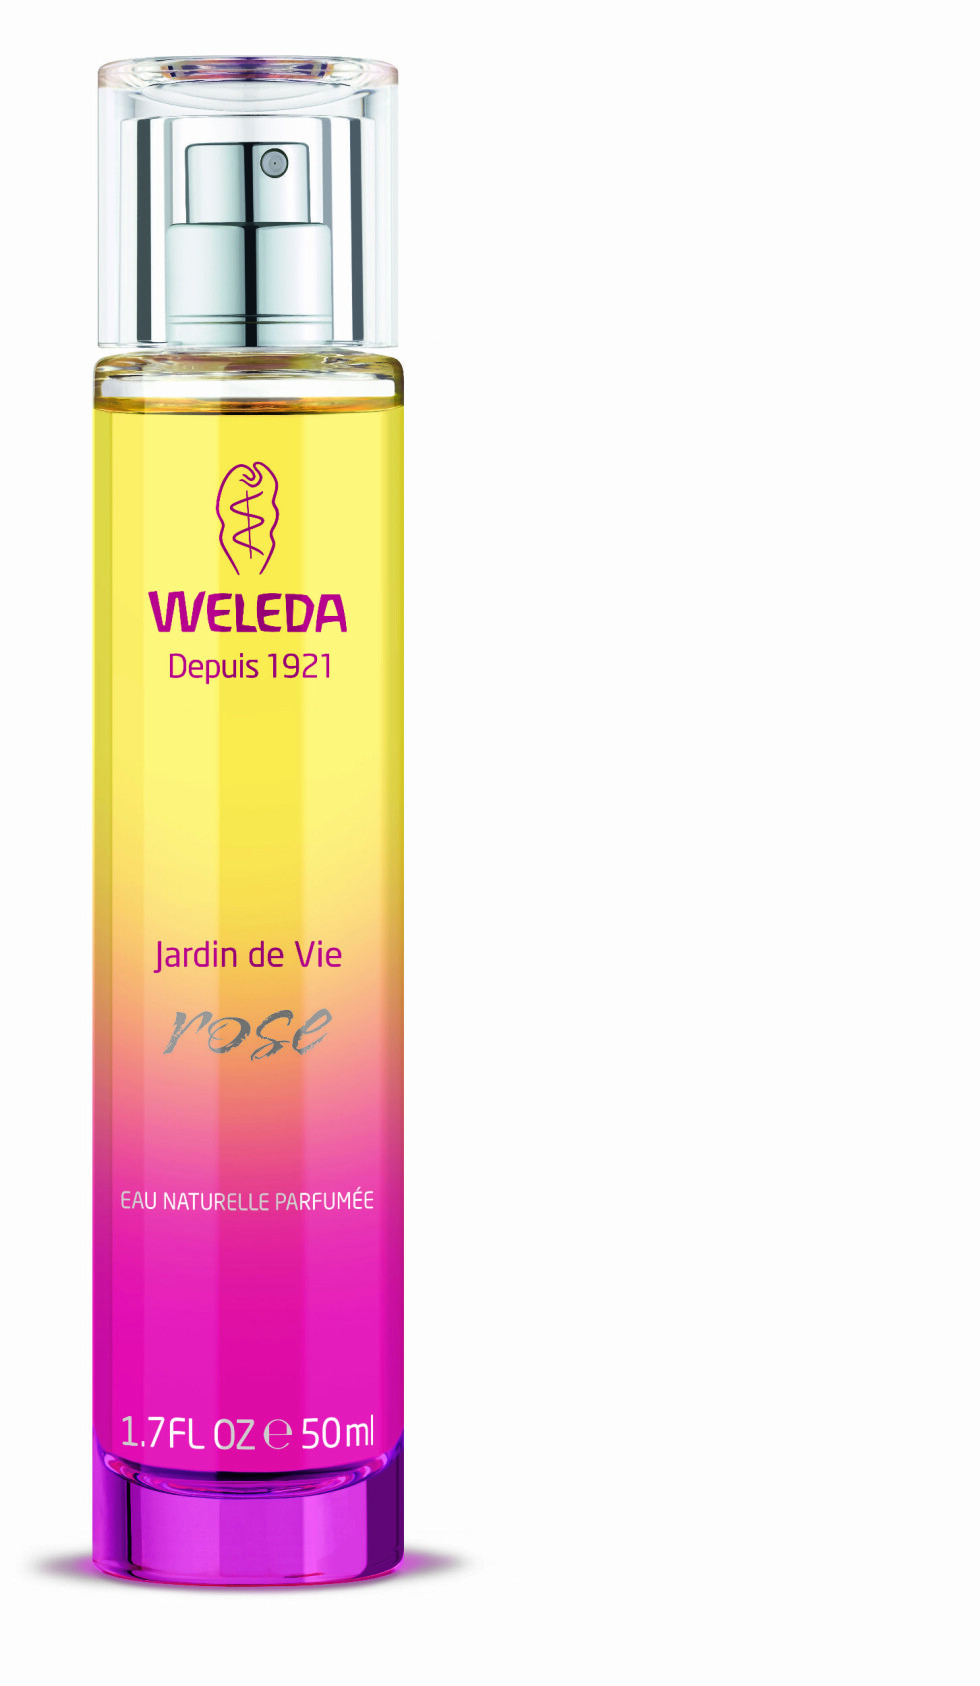 PARFYME: Med essensielle oljer, og egner seg derfor hele kroppen! Kommer i ulike dufter som allerede finnes i Weleda-universet. Deilig å avslutte med etter en nøytal bodylotion (kr 400, Weleda). Foto: Produsenten